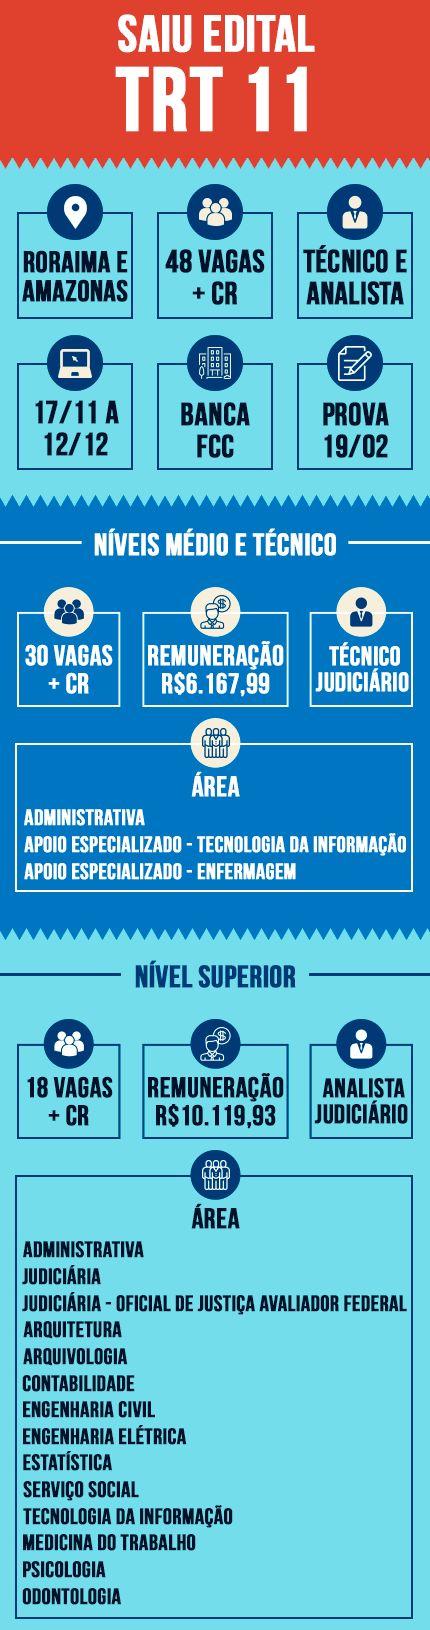 Inscrições abertas 12 de dezembro para o concurso do #TRT11, que contempla os estados do #Amazonas e #Roraima. #concursopúblico #folhadirigida